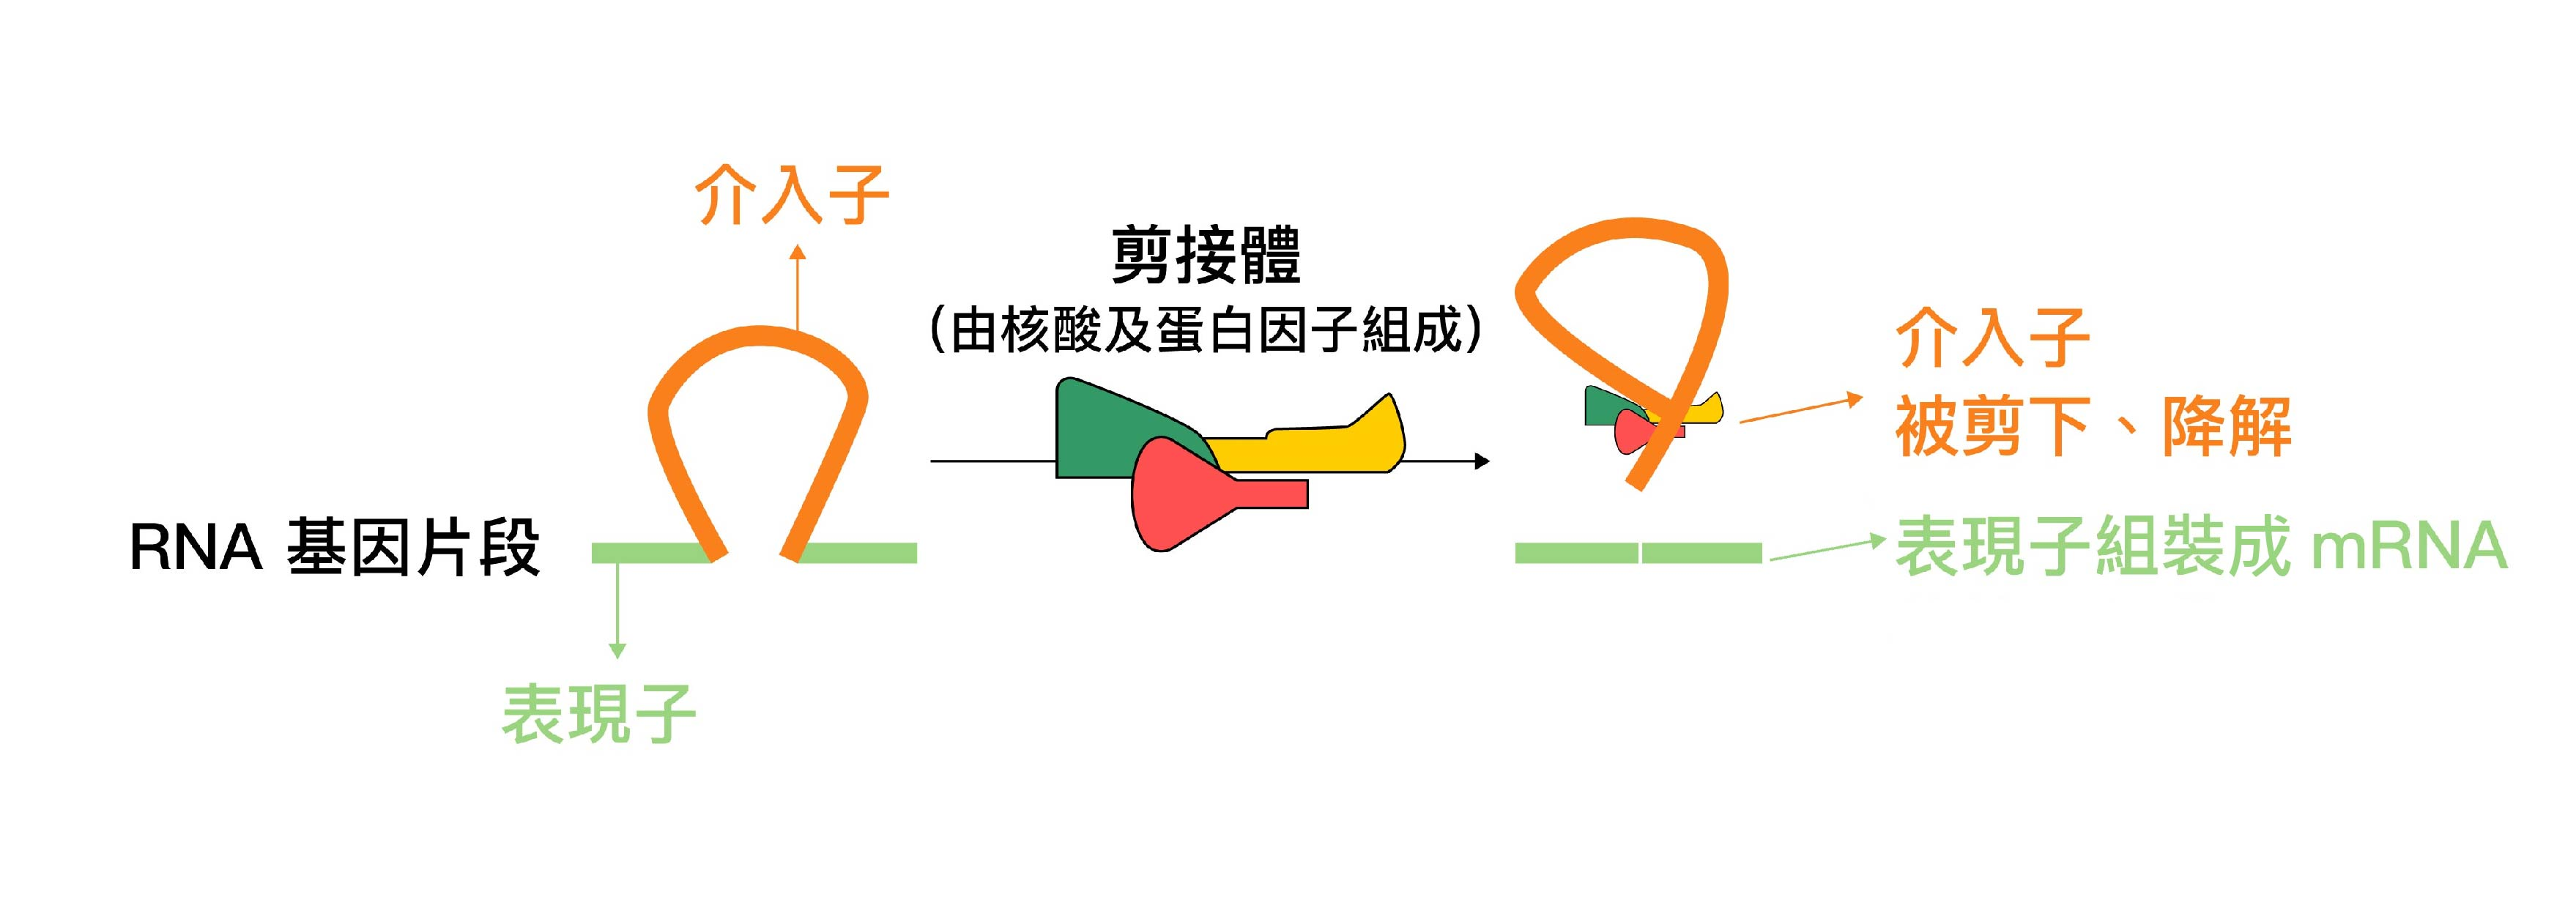 RNA 剪接過程中,由核酸及蛋白因子組成的「剪接體」,會剪下不需要的介入子、組裝被保留的表現子。圖│研之有物 (資料來源│鄭淑珍)